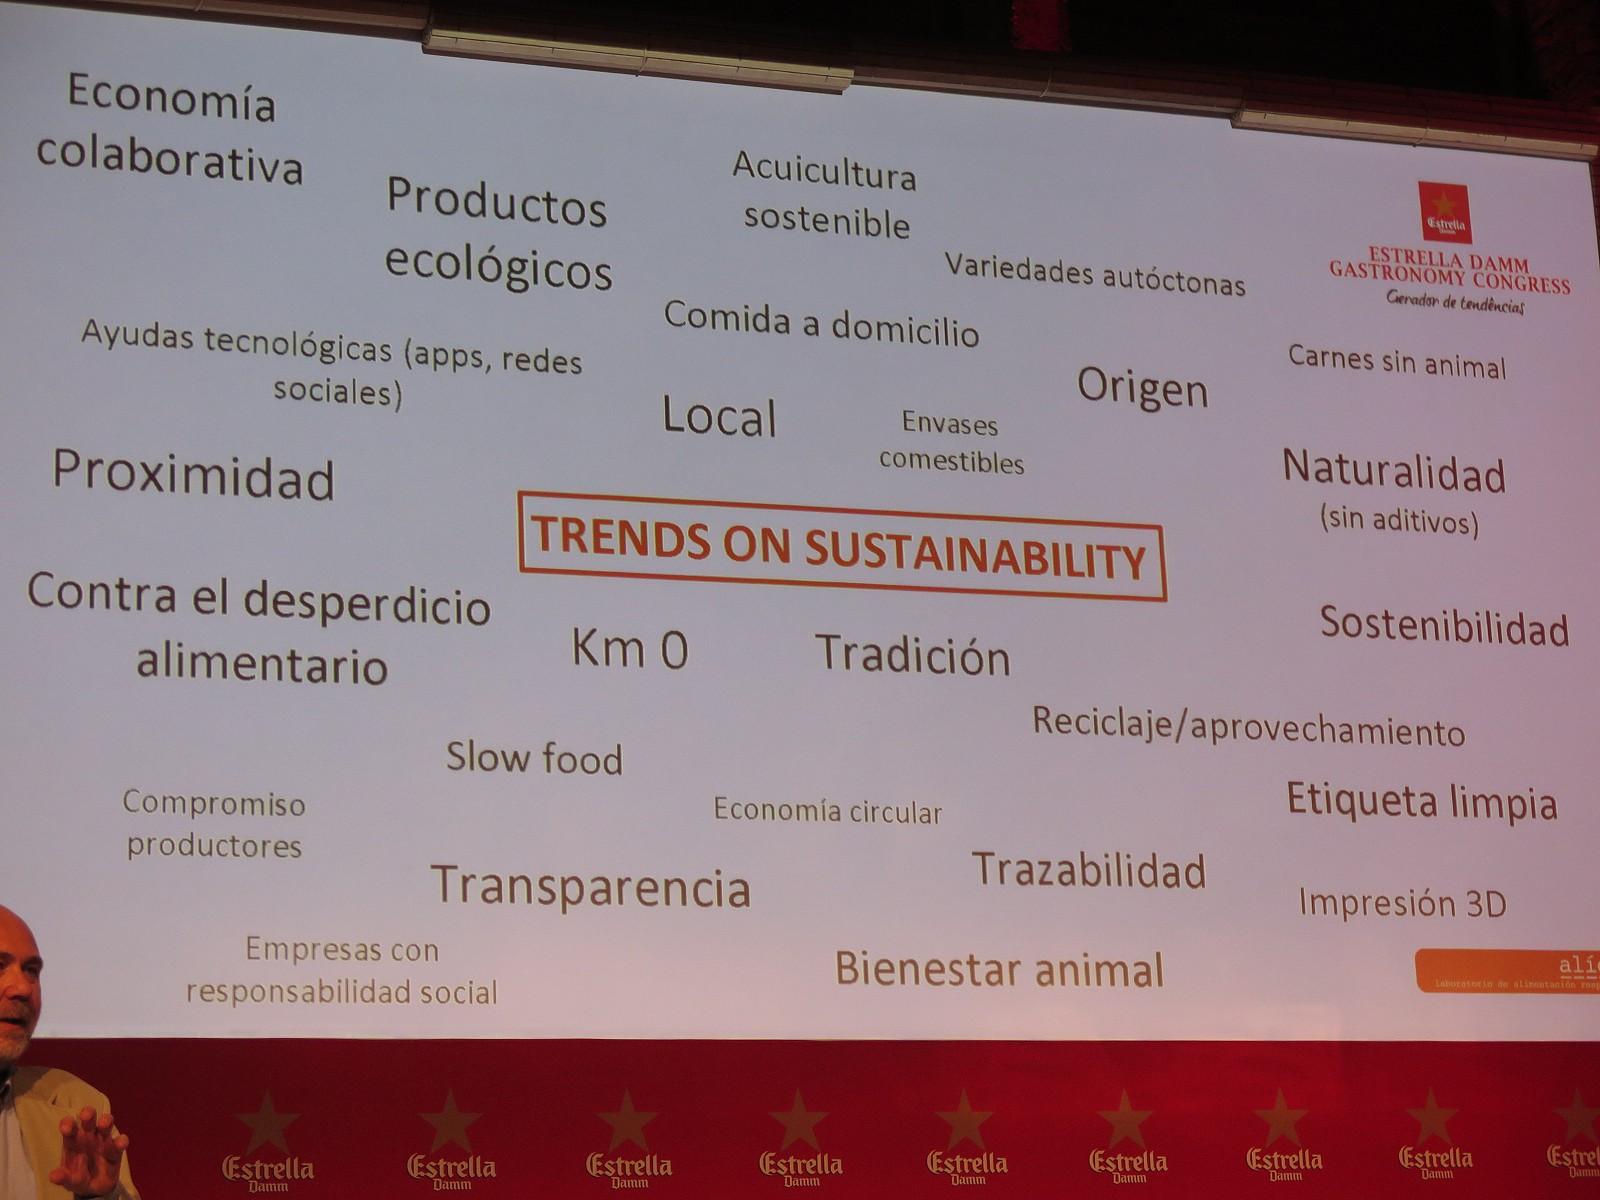 Tendências de sustentabilidade